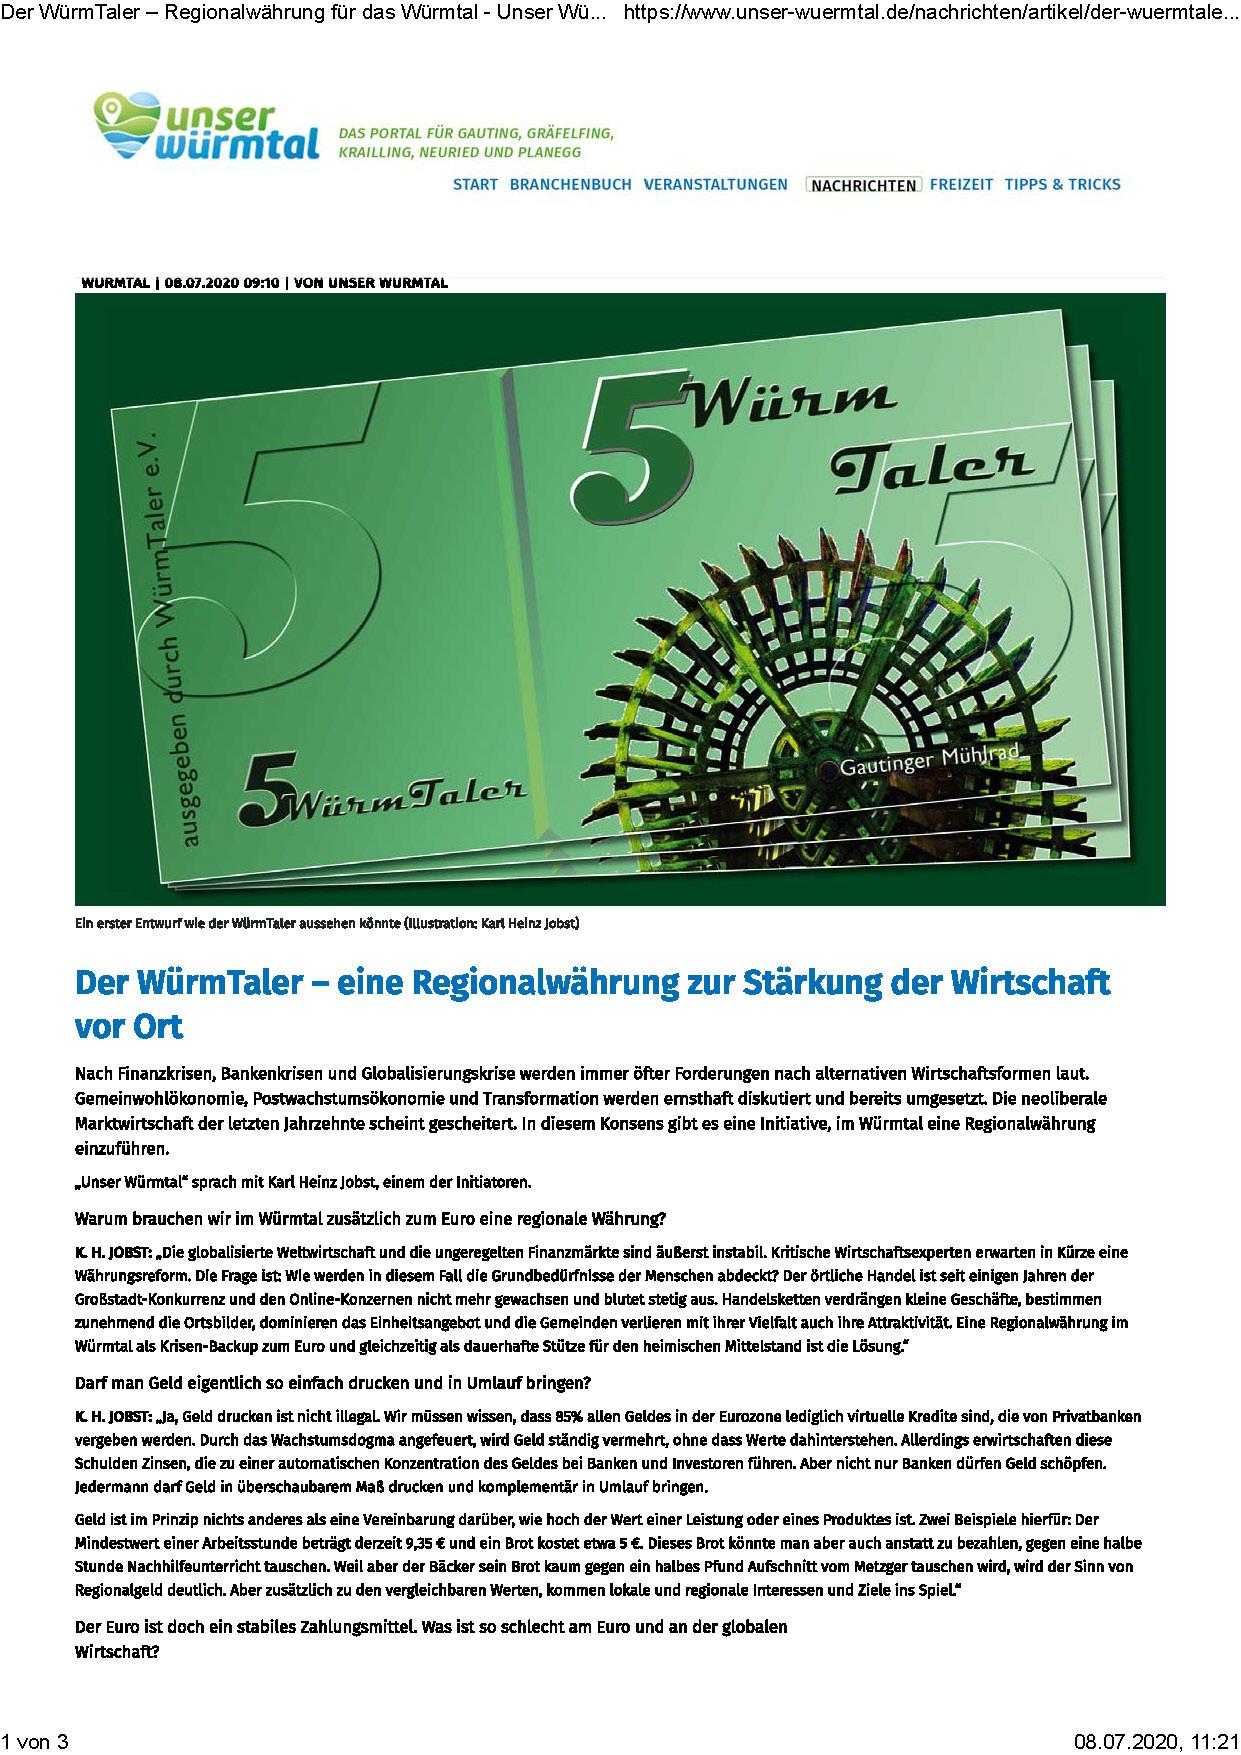 Seiten aus Der WürmTaler – Regionalwährung für das Würmtal - Unser Würmtal